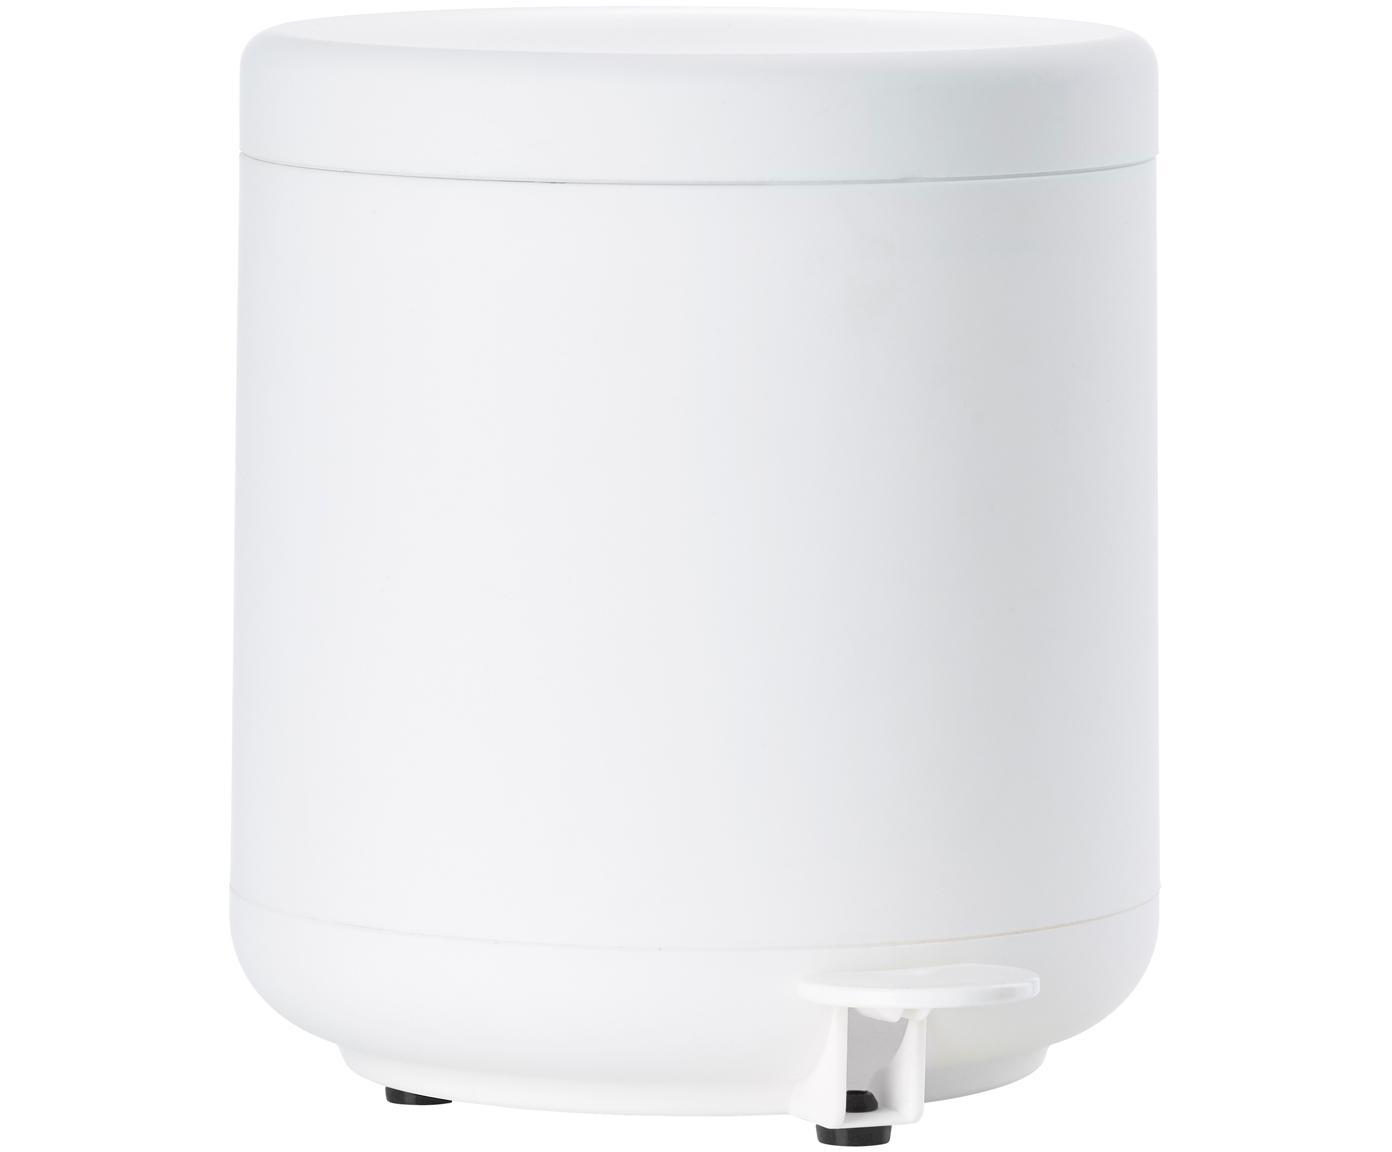 Papelera Ume, Plástico ABS, Blanco, Ø 20 x Al 22 cm